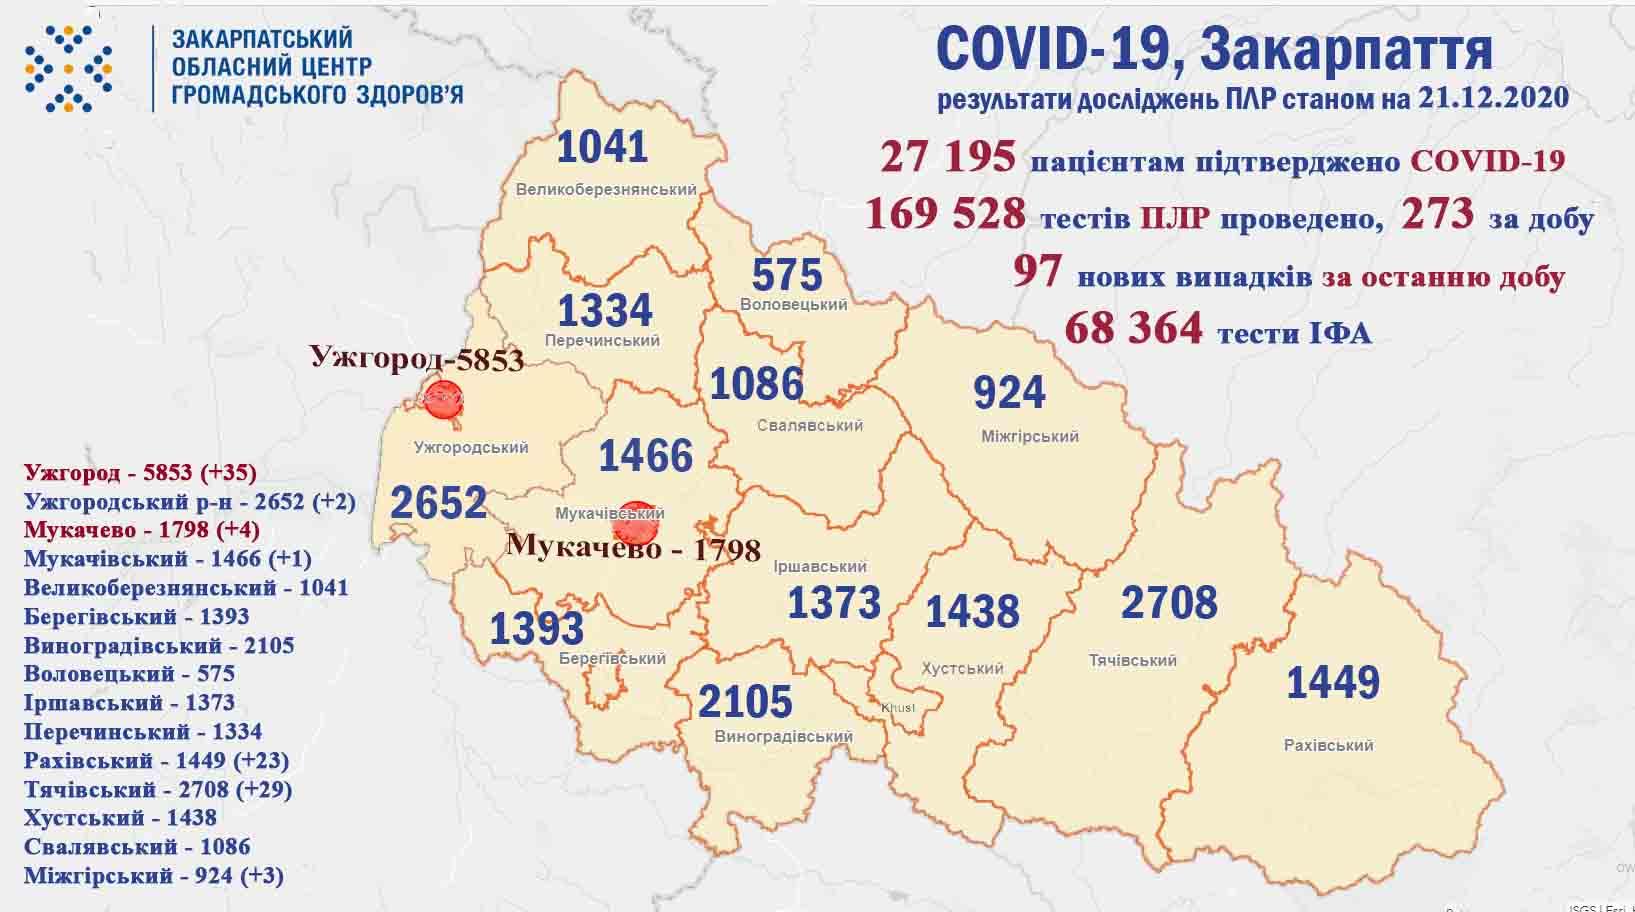 На Закарпатті за минулу добу підтверджено 97 випадків COVID-19, 3 хворих померло